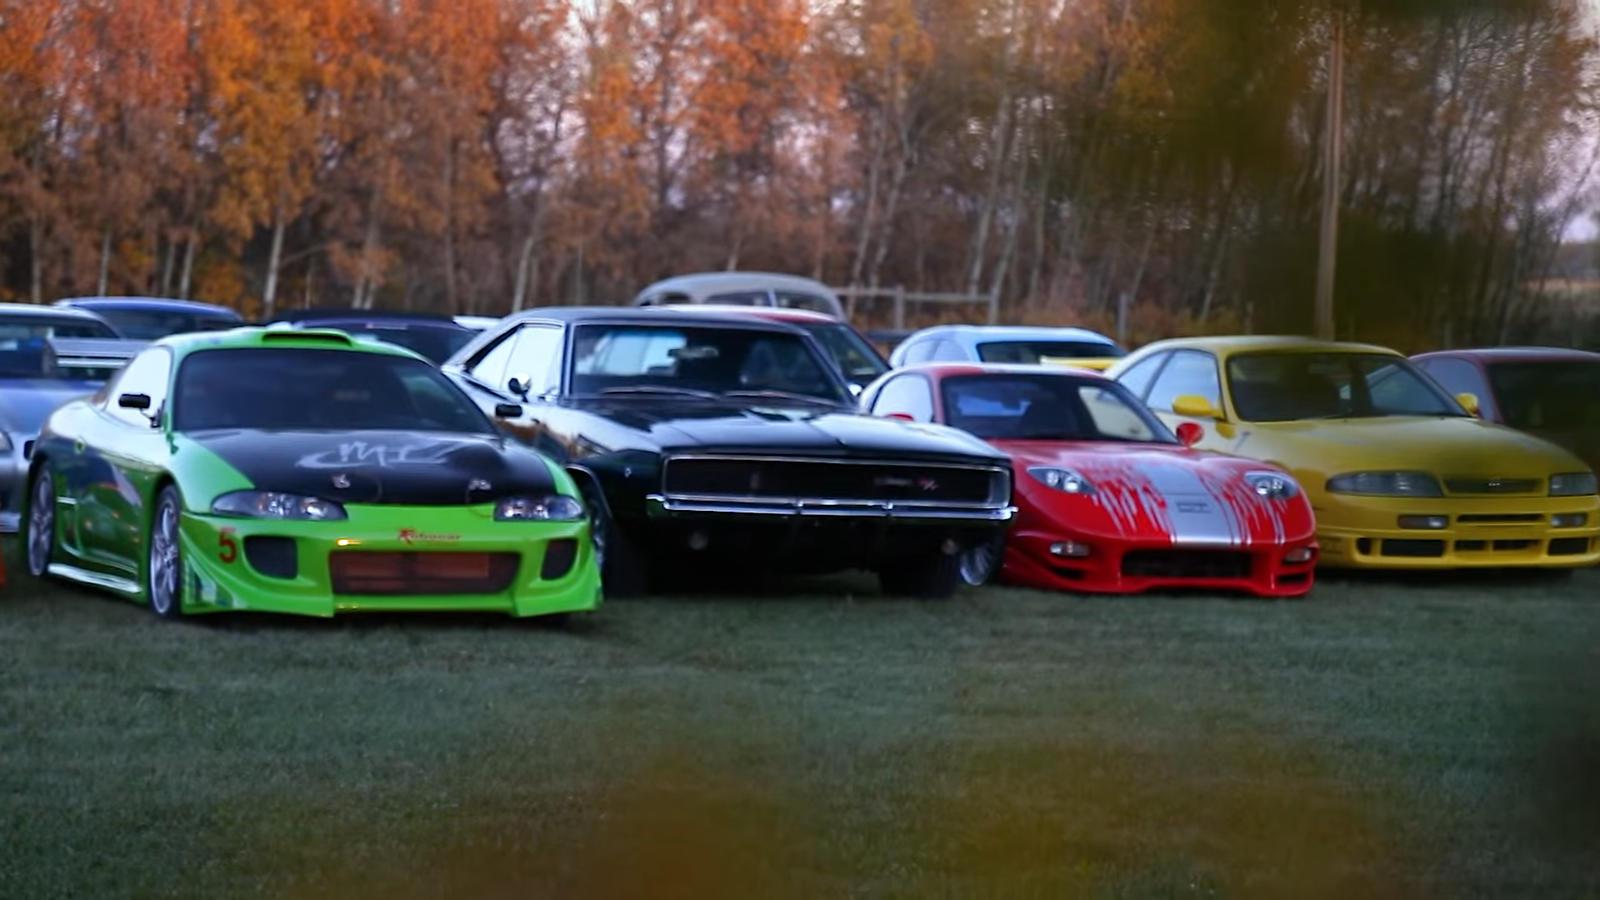 Это дорогостоящее хобби, но Хорхе привозил автомобили из Японии, чтобы с выгодой продавать их в США и тратить на свою коллекцию. За пять лет ему удалось переделать десять Toyota Supra.